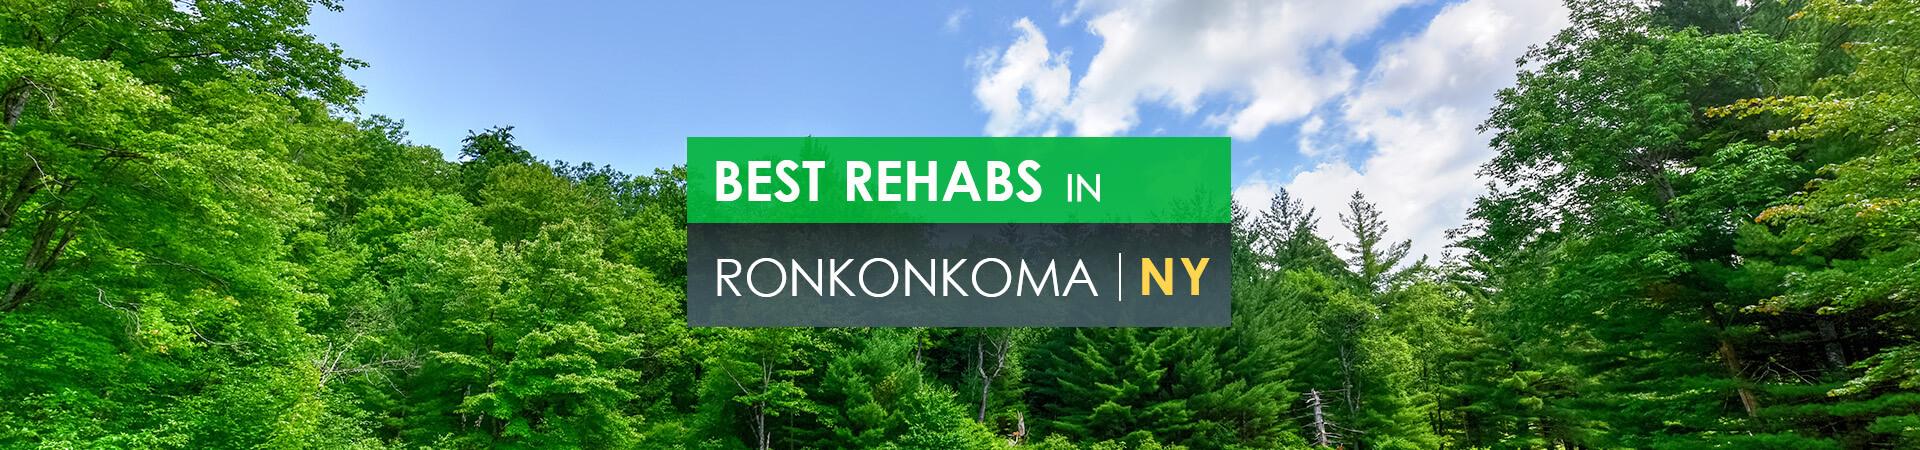 Best rehabs in Ronkonkoma, NY